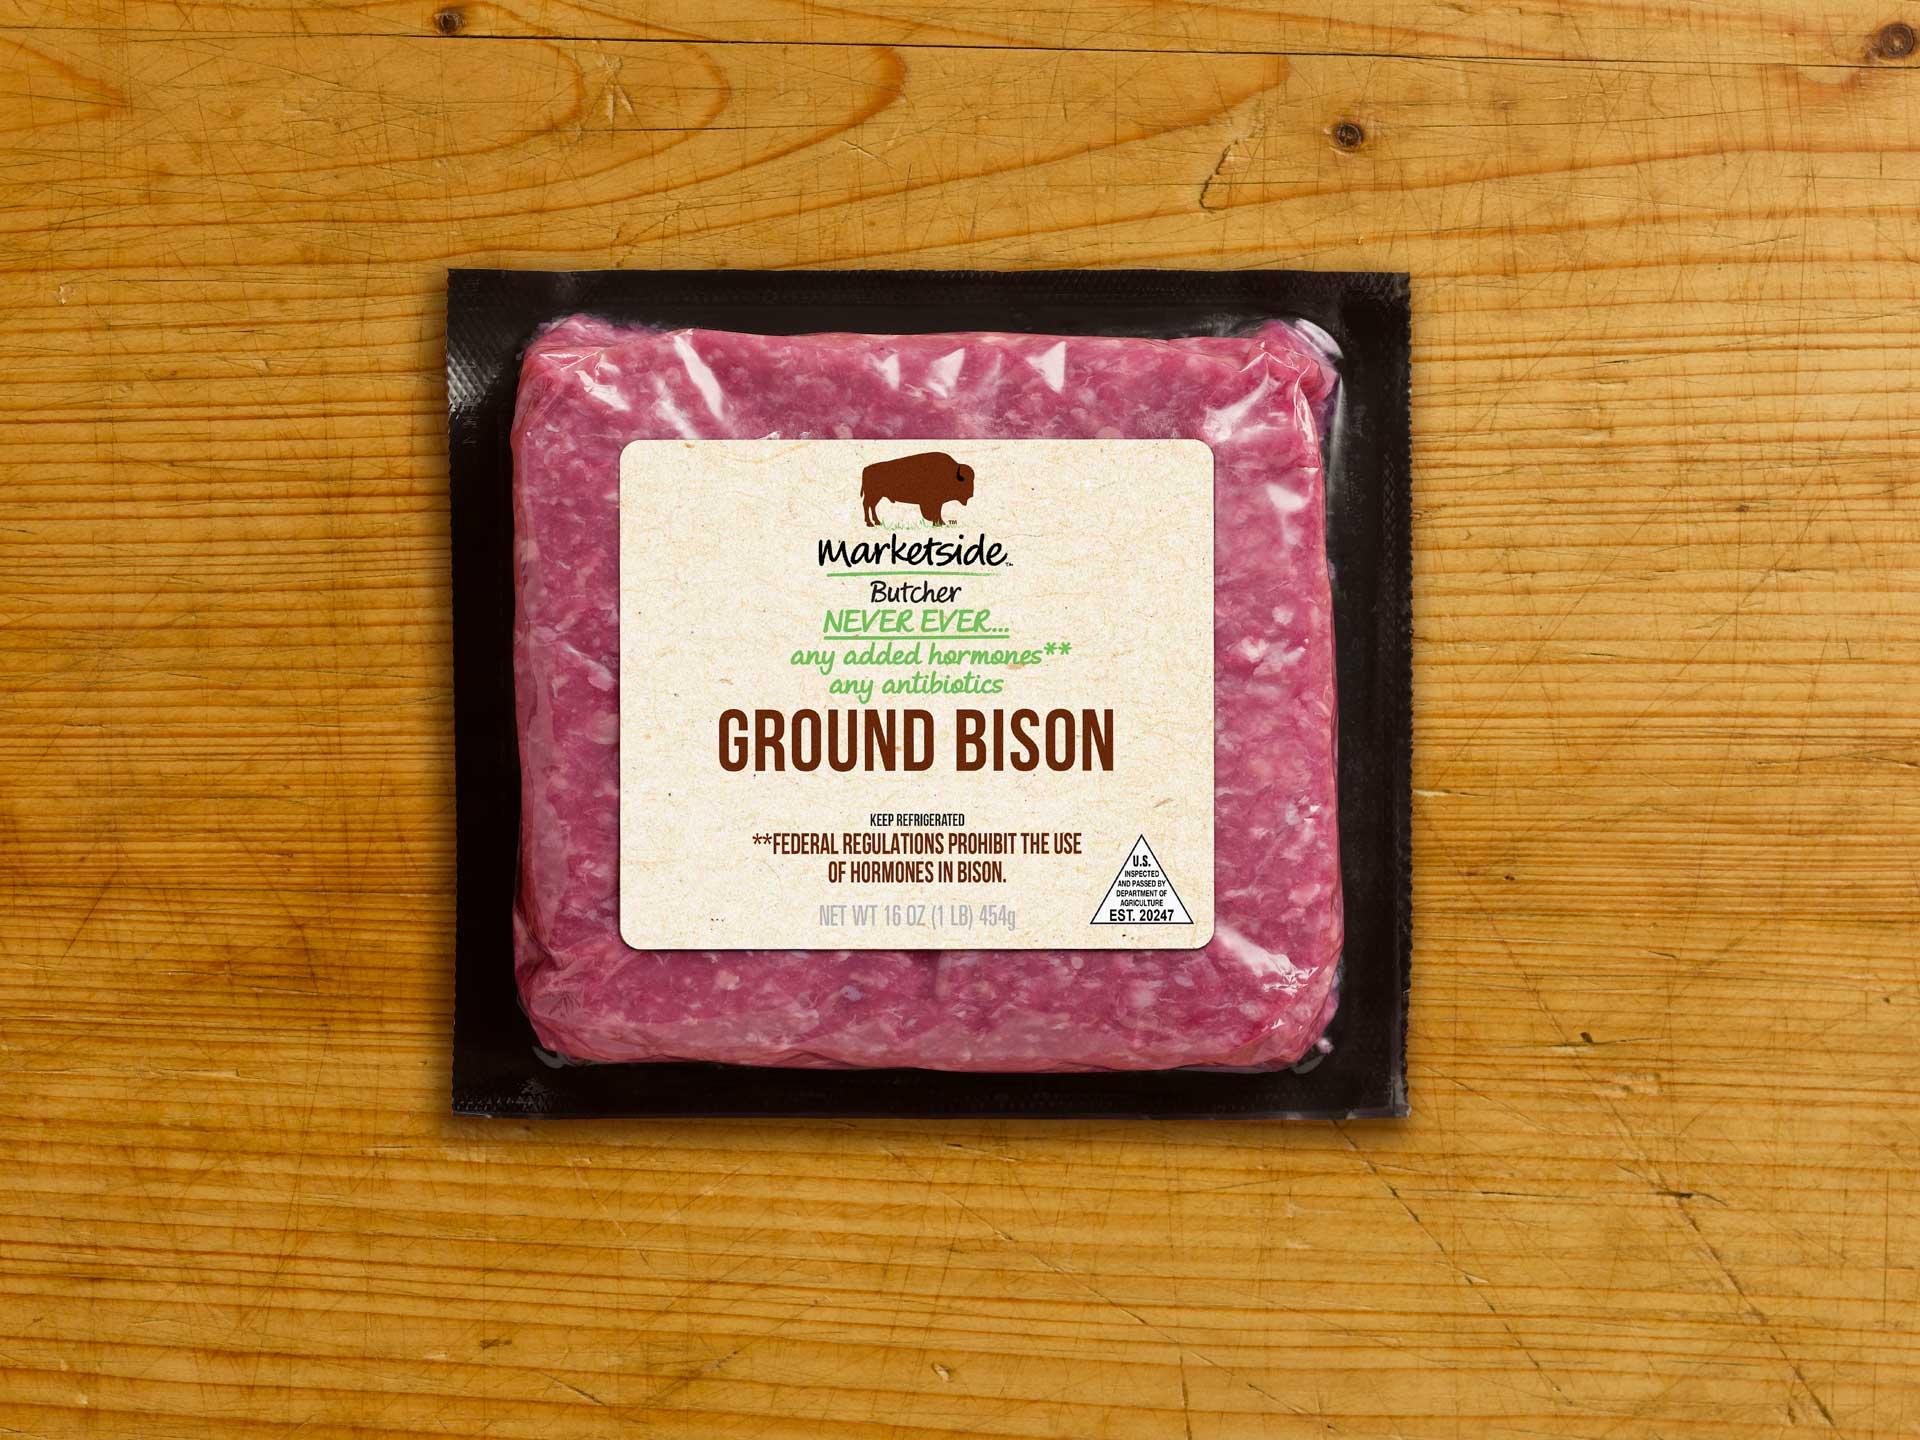 Marketside Butcher Ground Bison